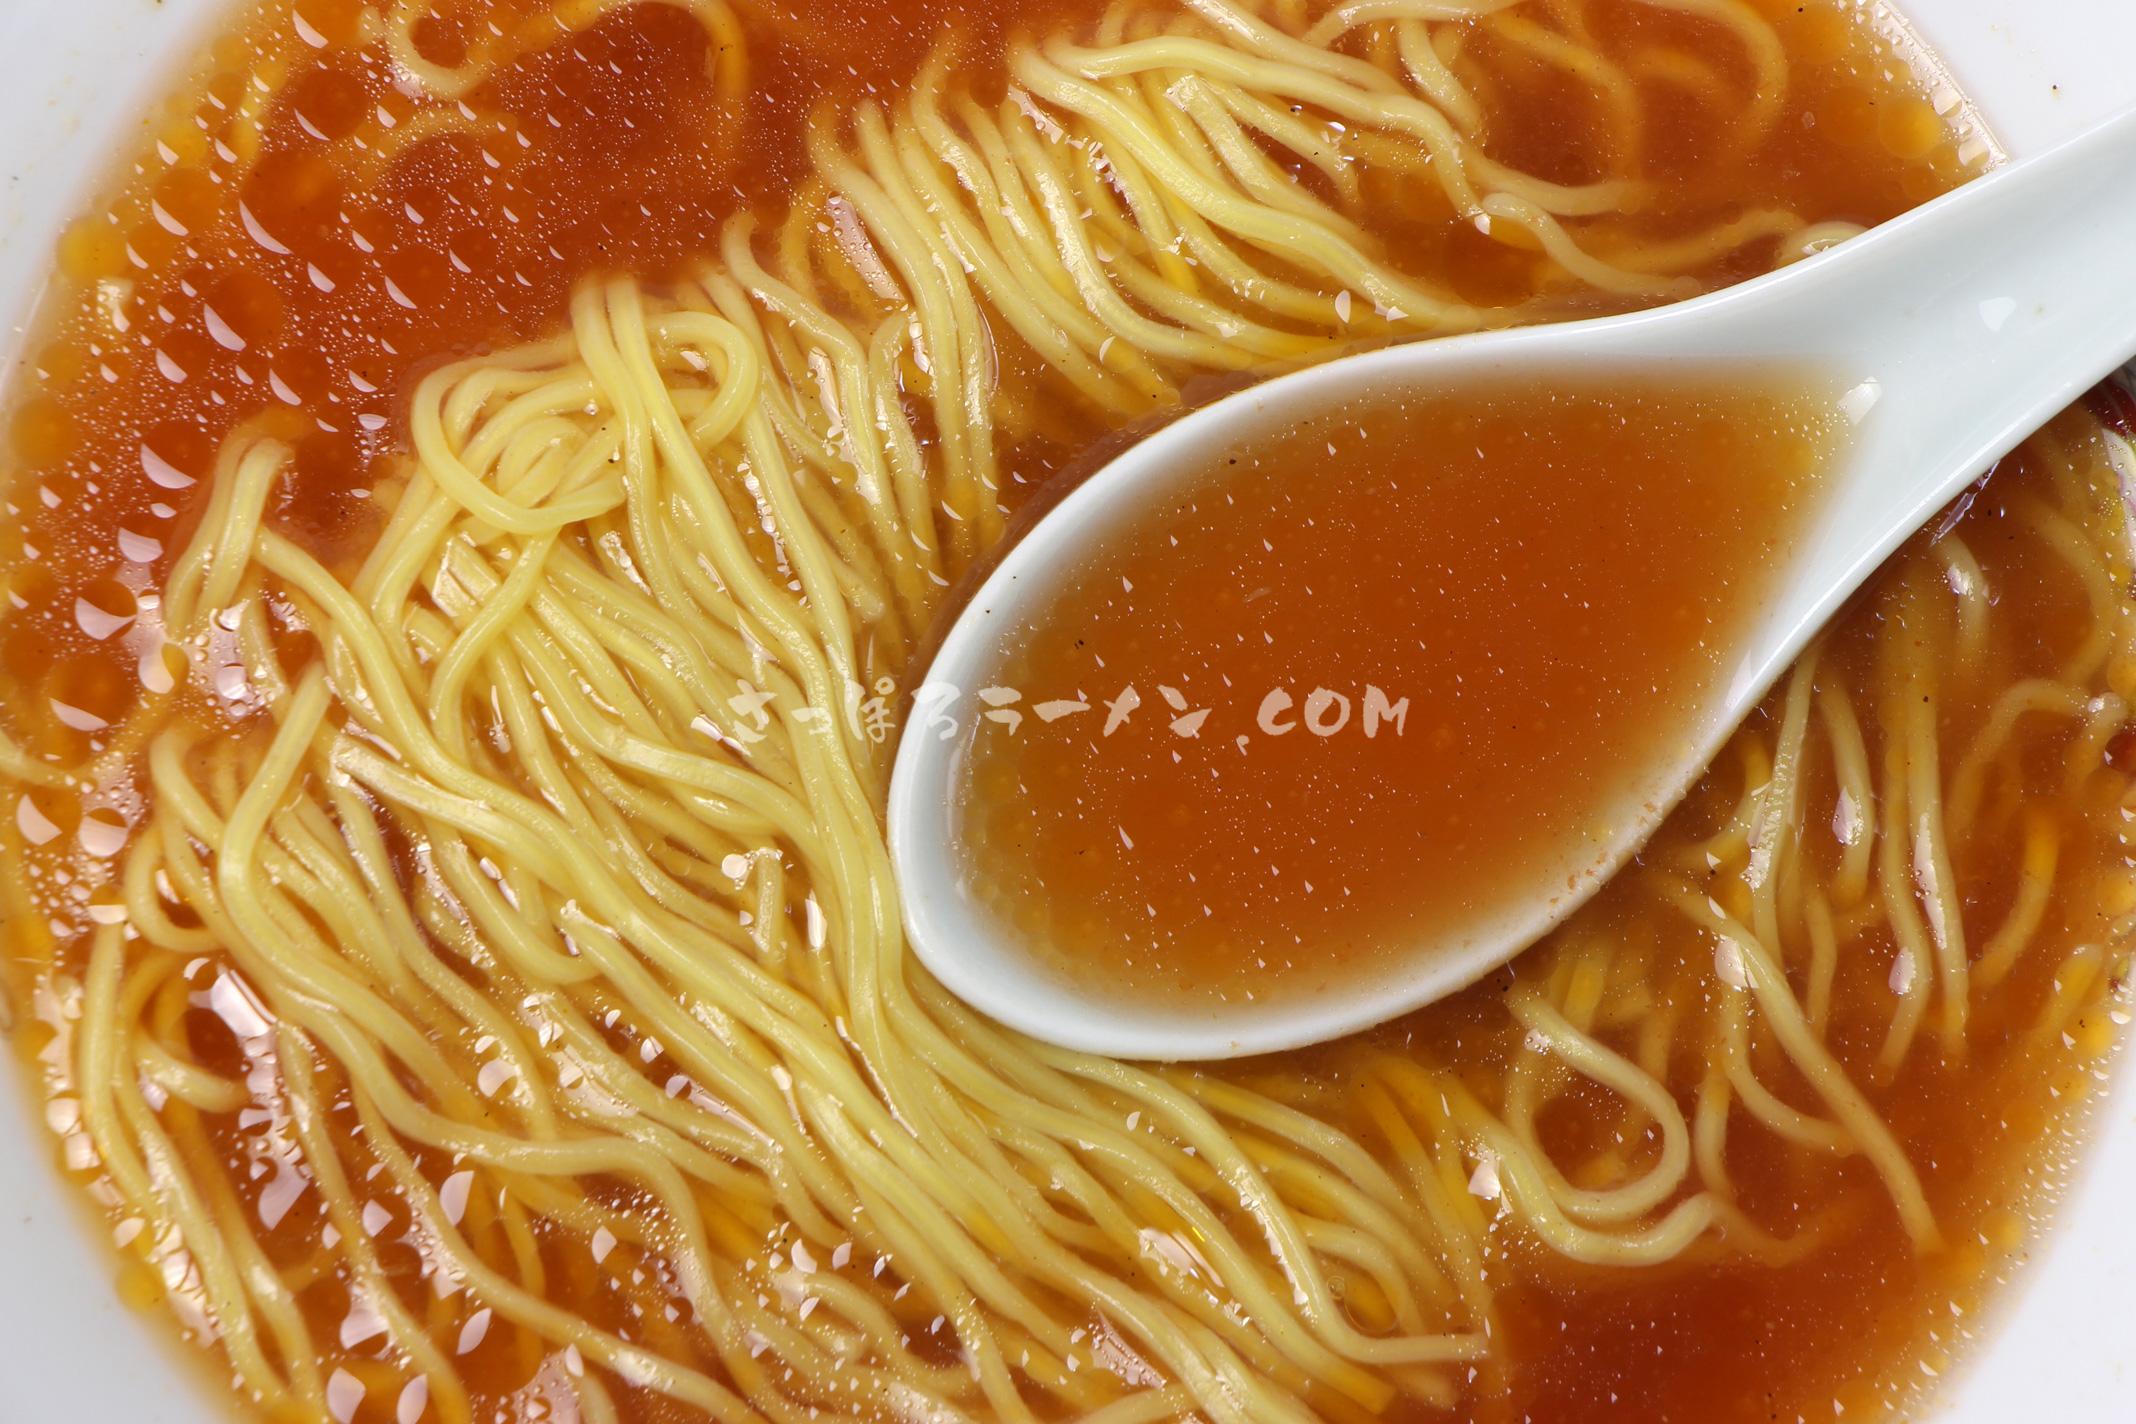 「小熊出没注意 トマトスープ味ラーメン」(藤原製麺)のスープ